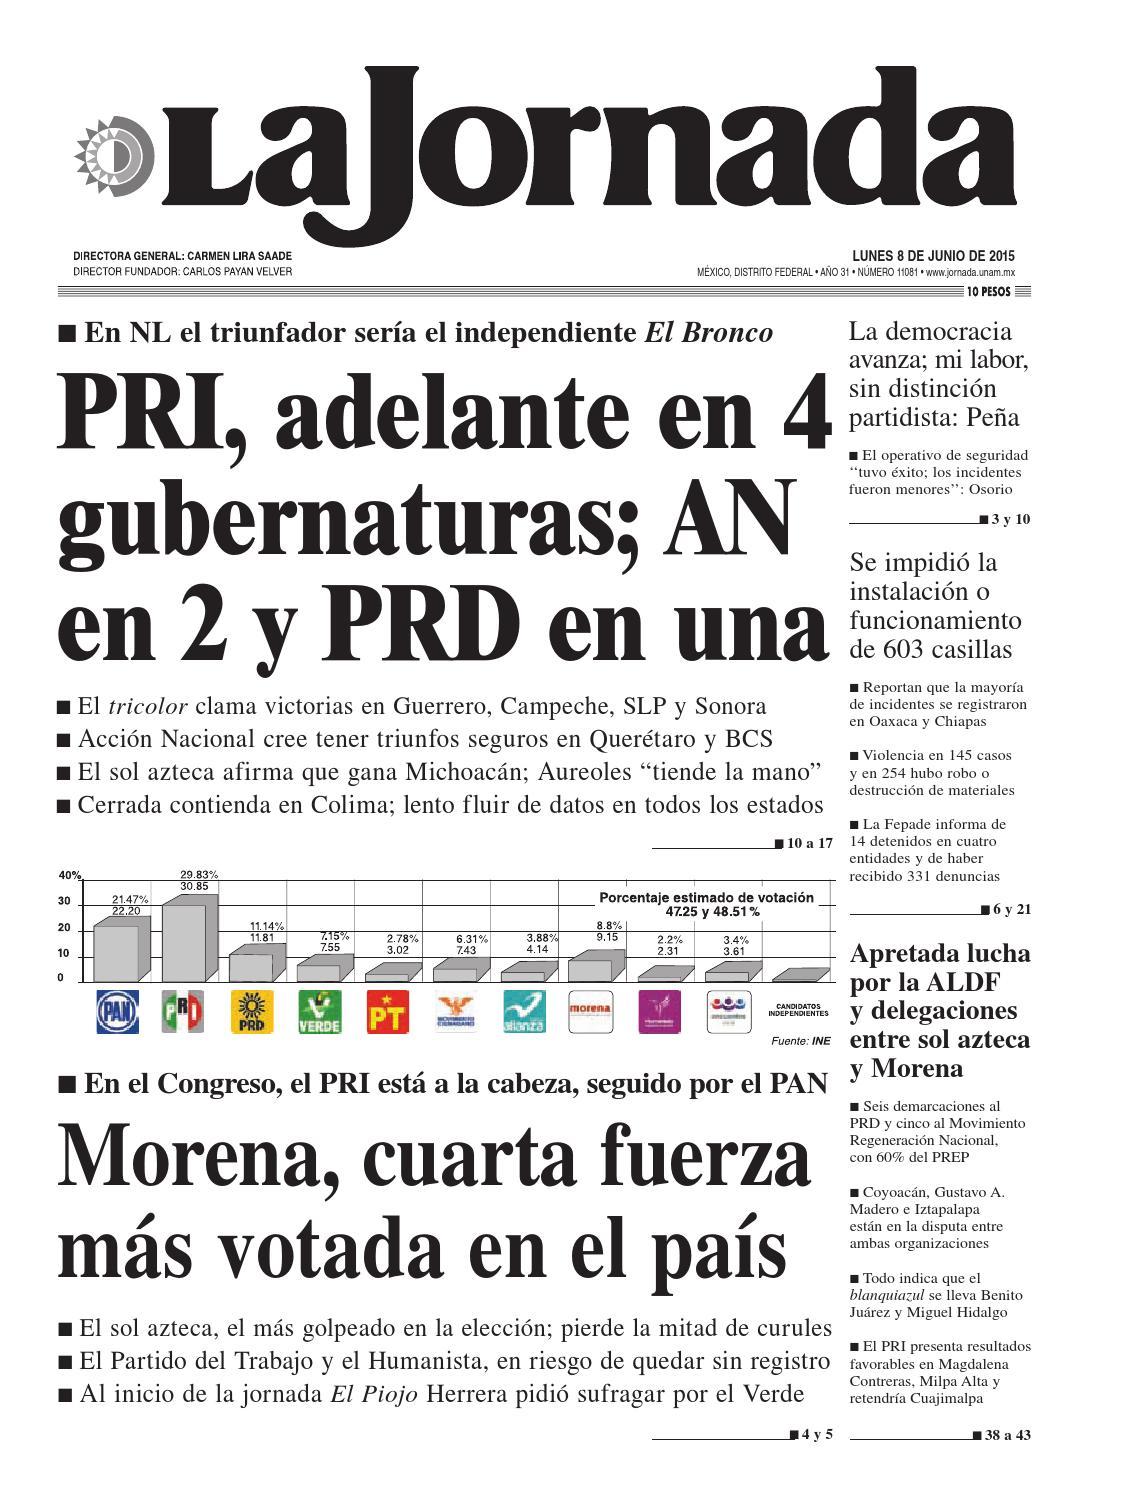 La Jornada, 06/08/2015 by La Jornada: DEMOS Desarrollo de Medios SA ...